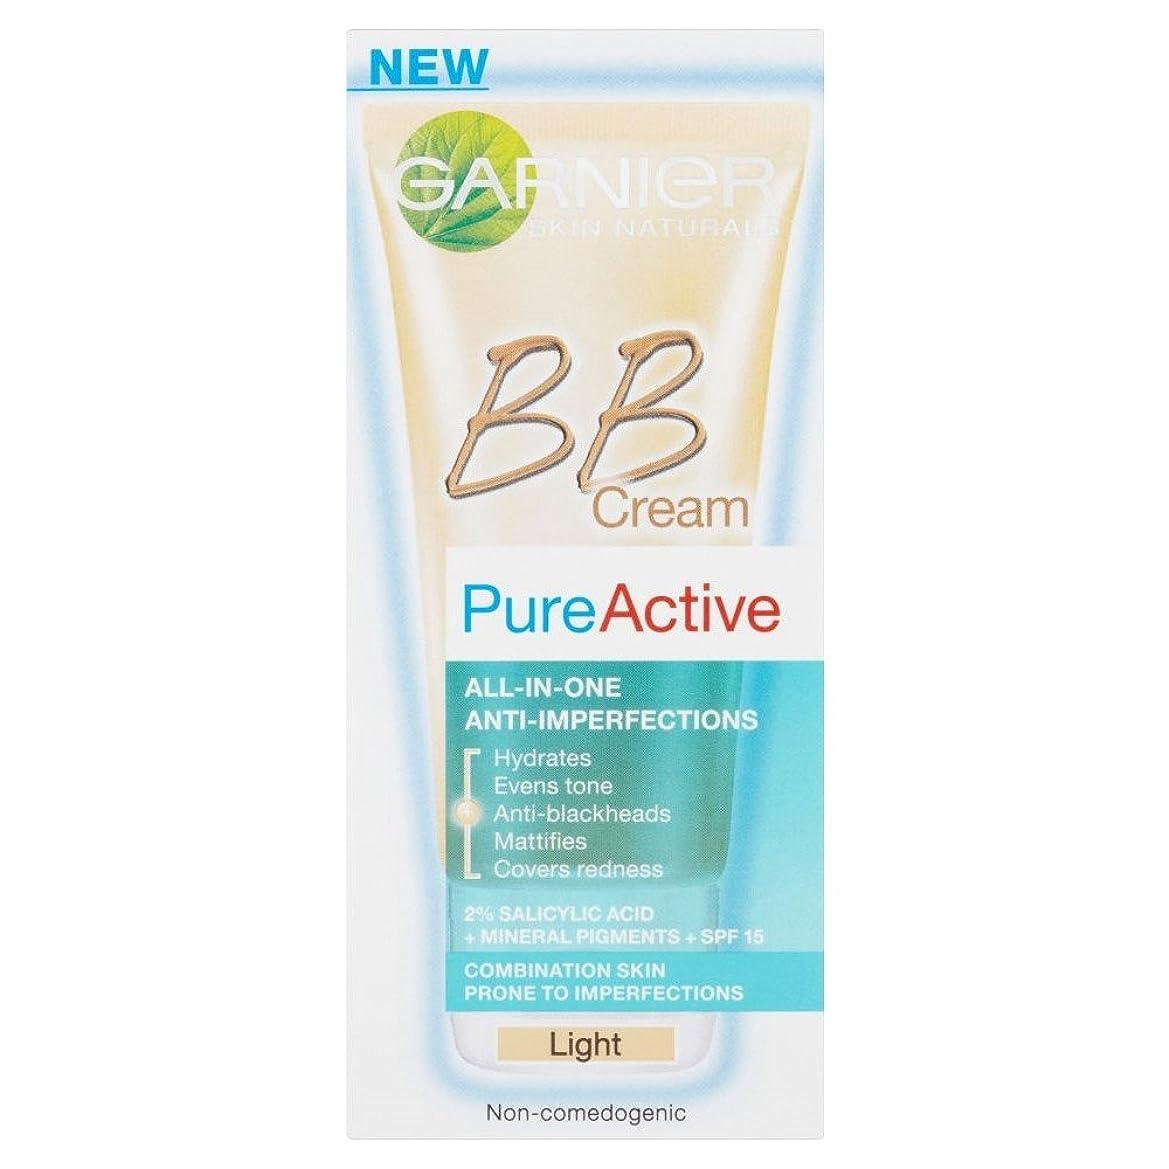 ループリネン支配するGarnier Pure Active BB Cream - Light (50ml) ガルニエ純粋な活性bbクリーム - 光( 50ミリリットル) [並行輸入品]